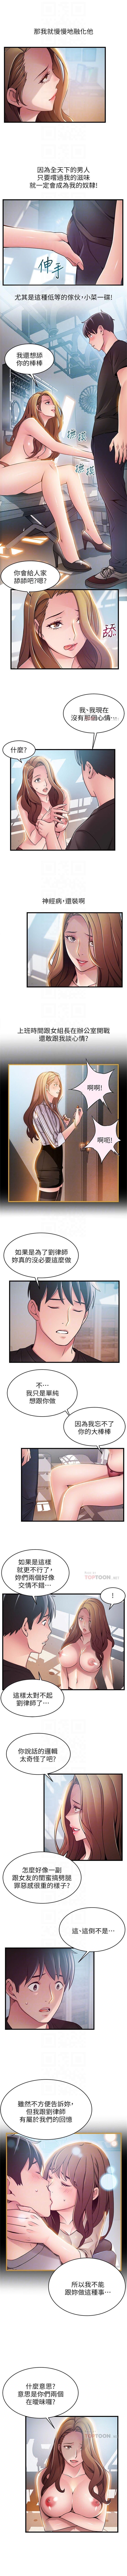 (周7)弱点 1-66 中文翻译(更新中) 323